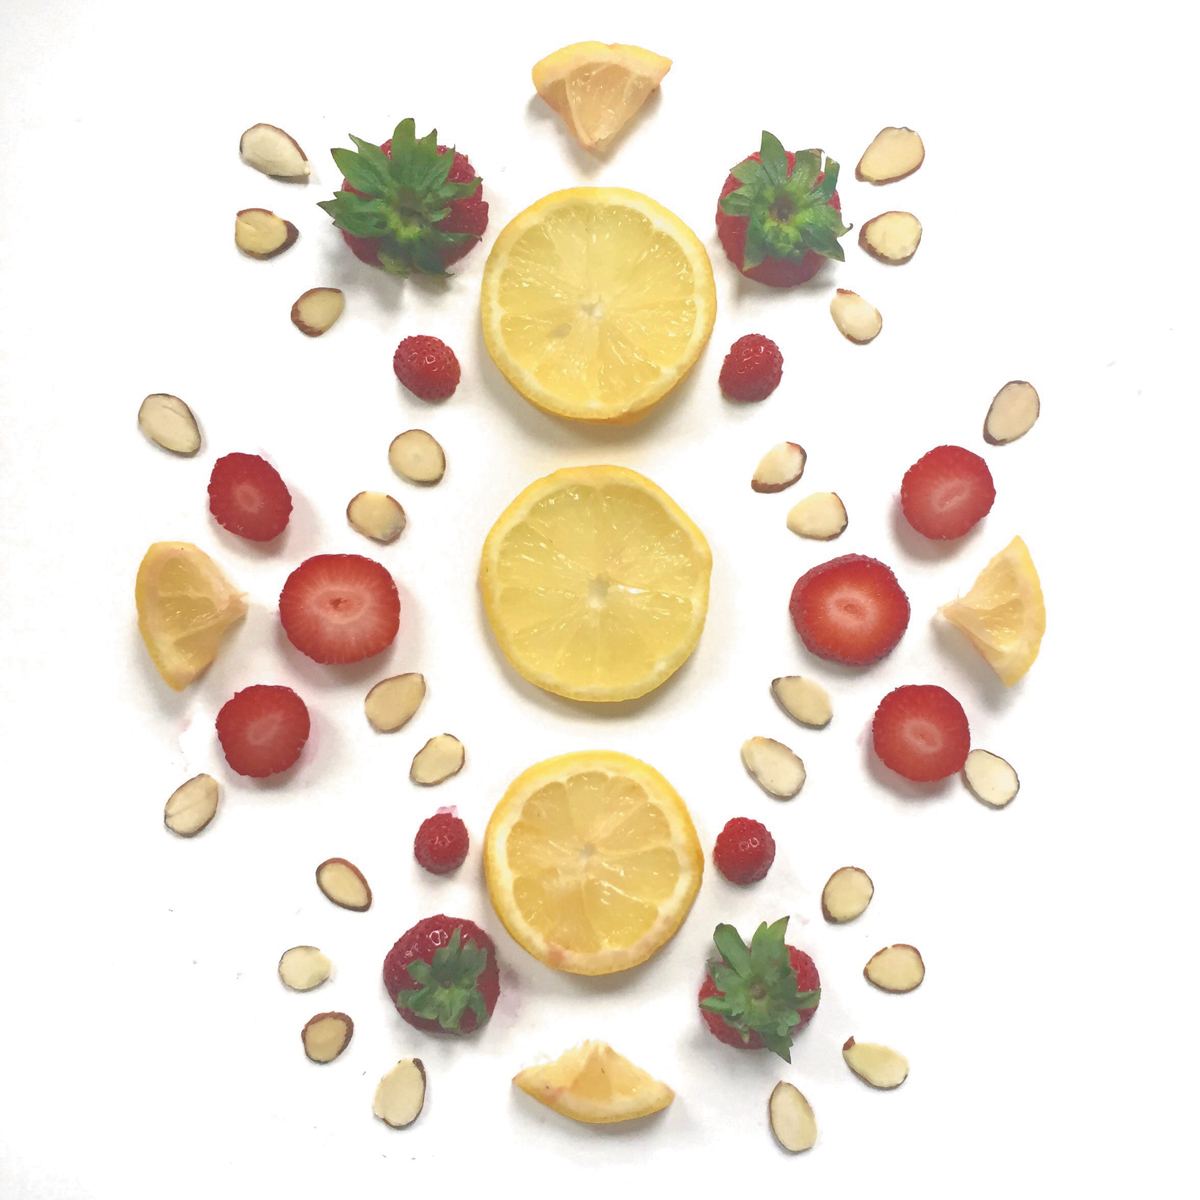 foodie-step-6